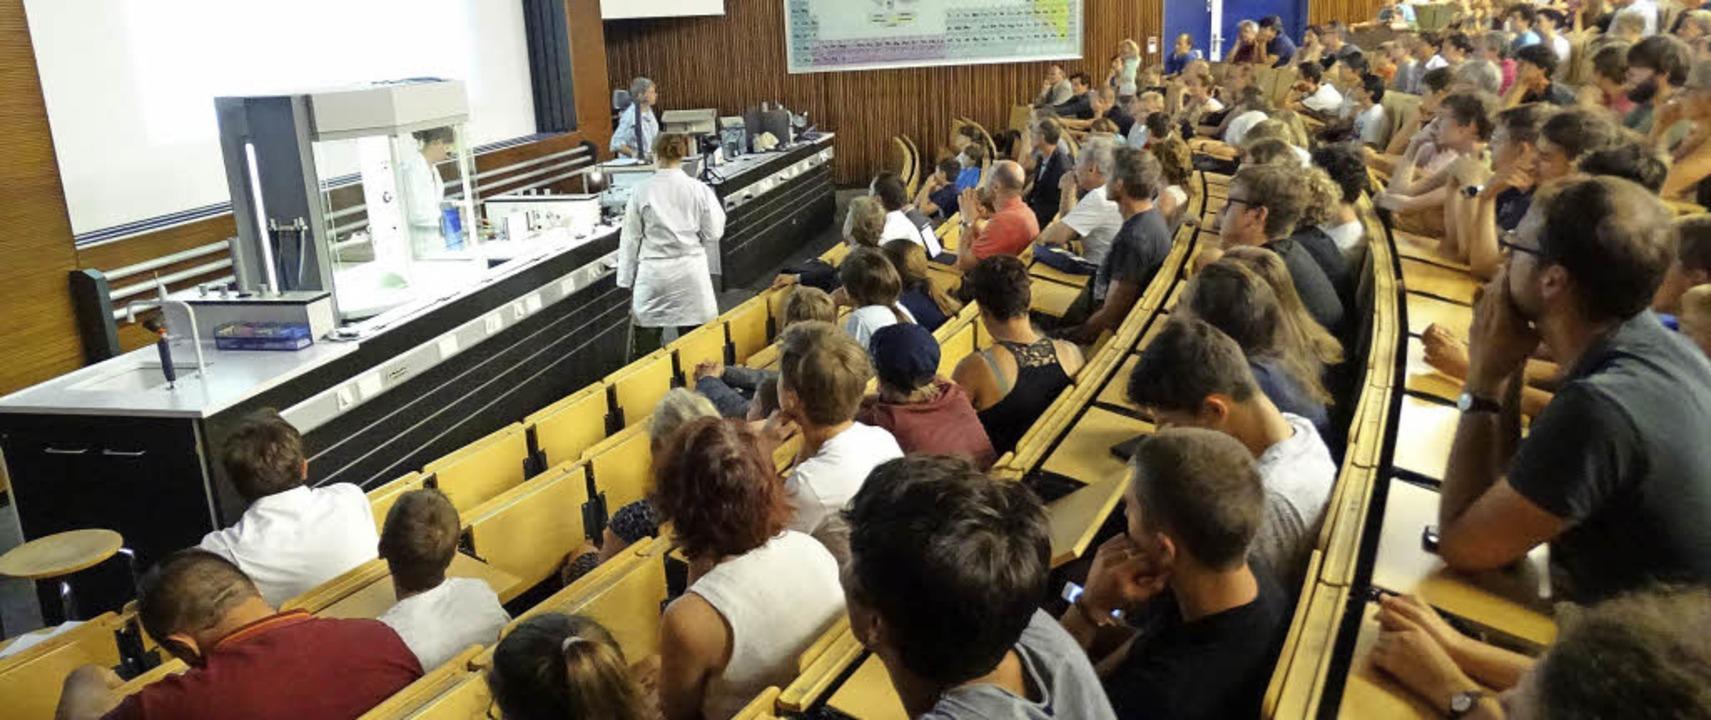 Gymnasiasten verfolgen im Hörsaal die ...sveranstaltung des Freiburg-Seminars.   | Foto: Lena Roser